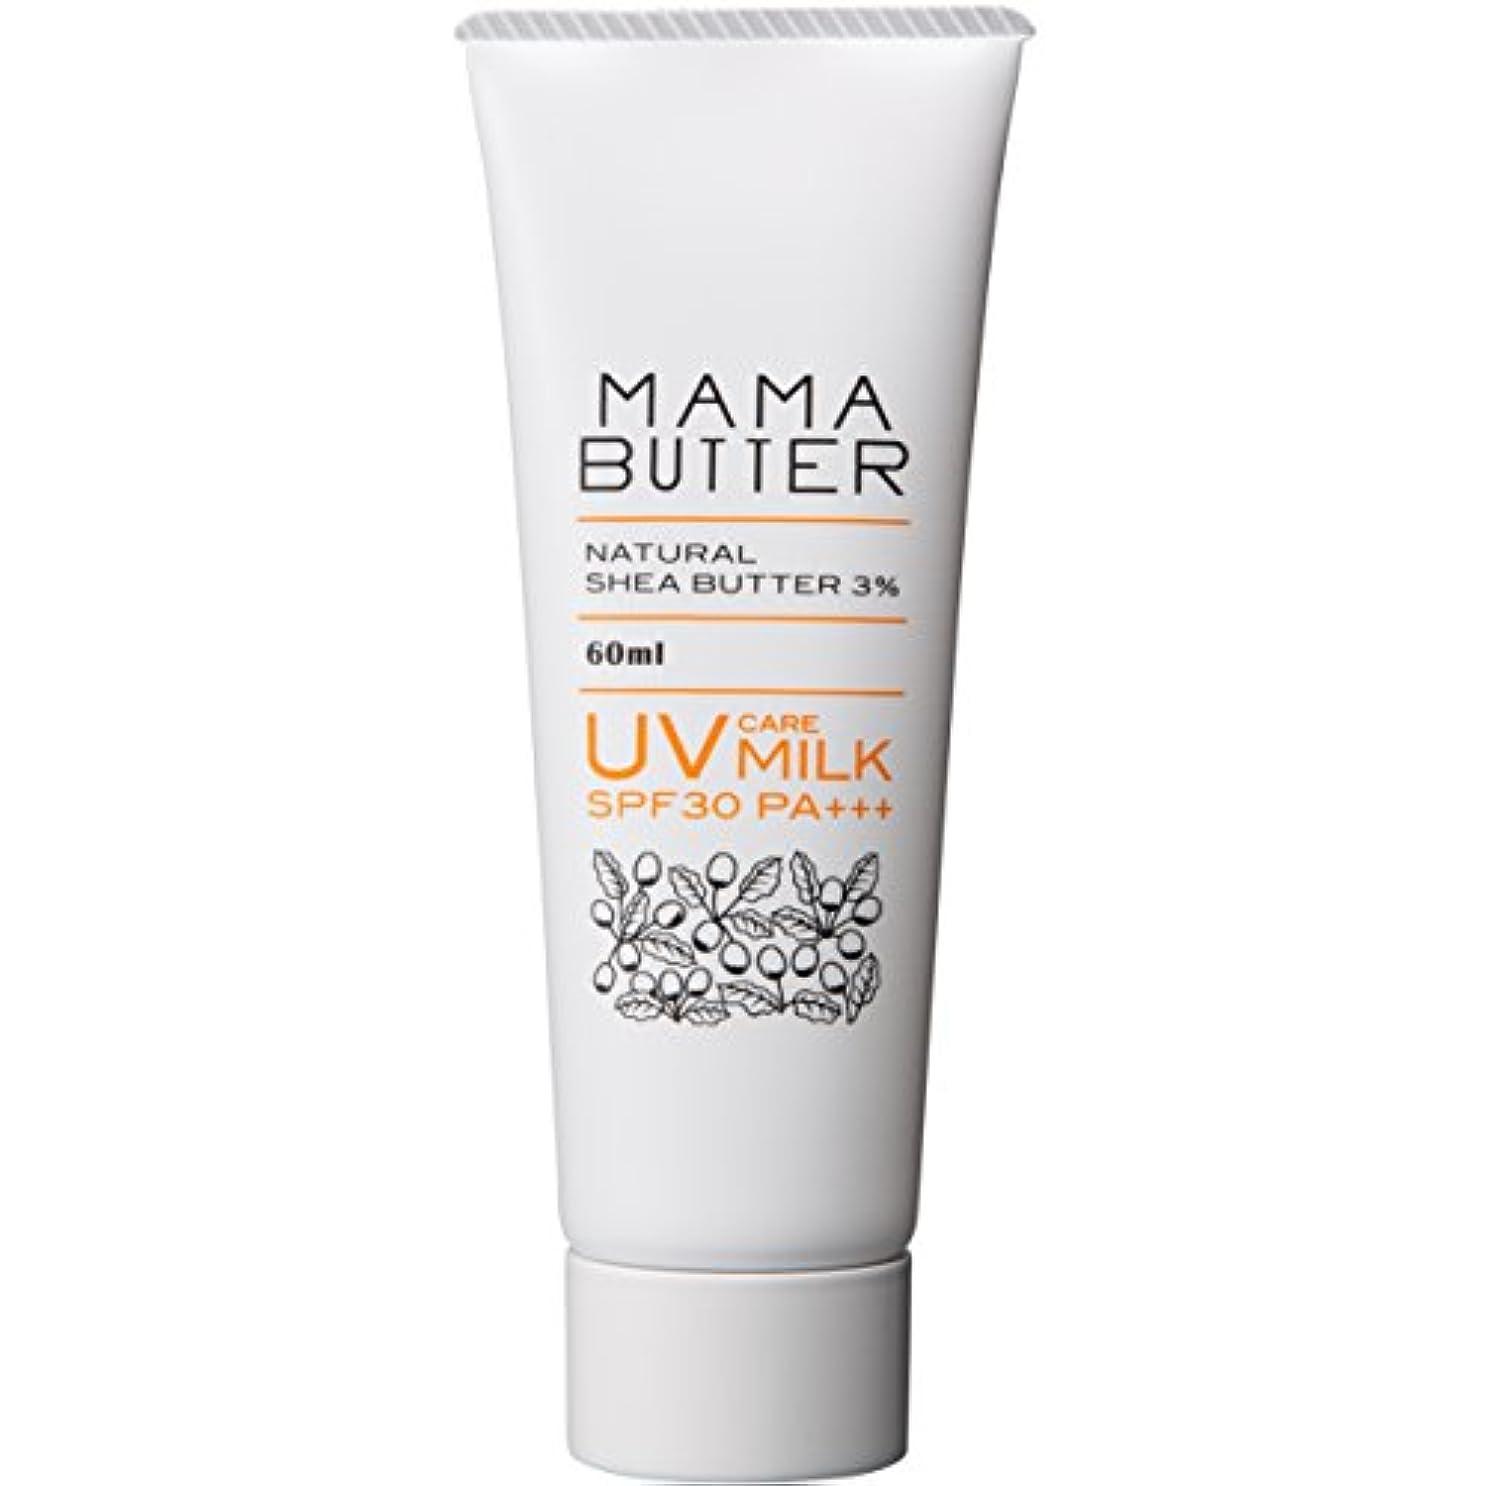 防止治療プロジェクターママバター UVケアミルク SPF30 PA+++ 60ml